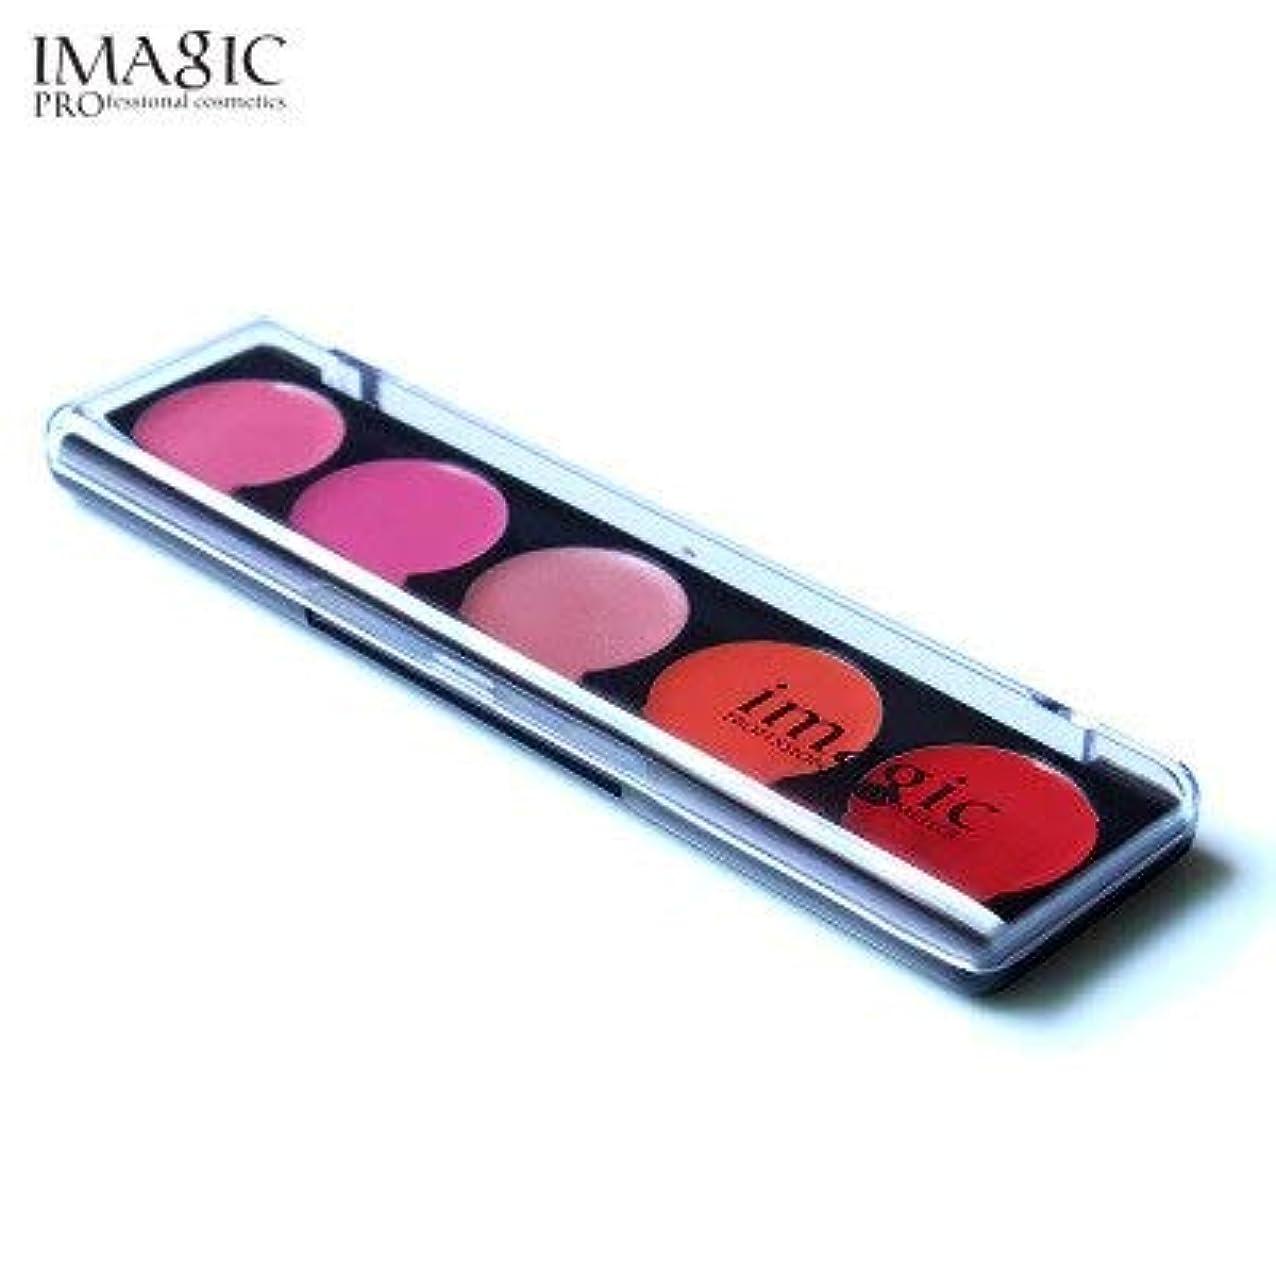 テナント支出請求書NOTEイマジック5色化粧口紅パレット持続美しさ顔料ナチュラリップスティック化粧品セット防水口紅化粧品